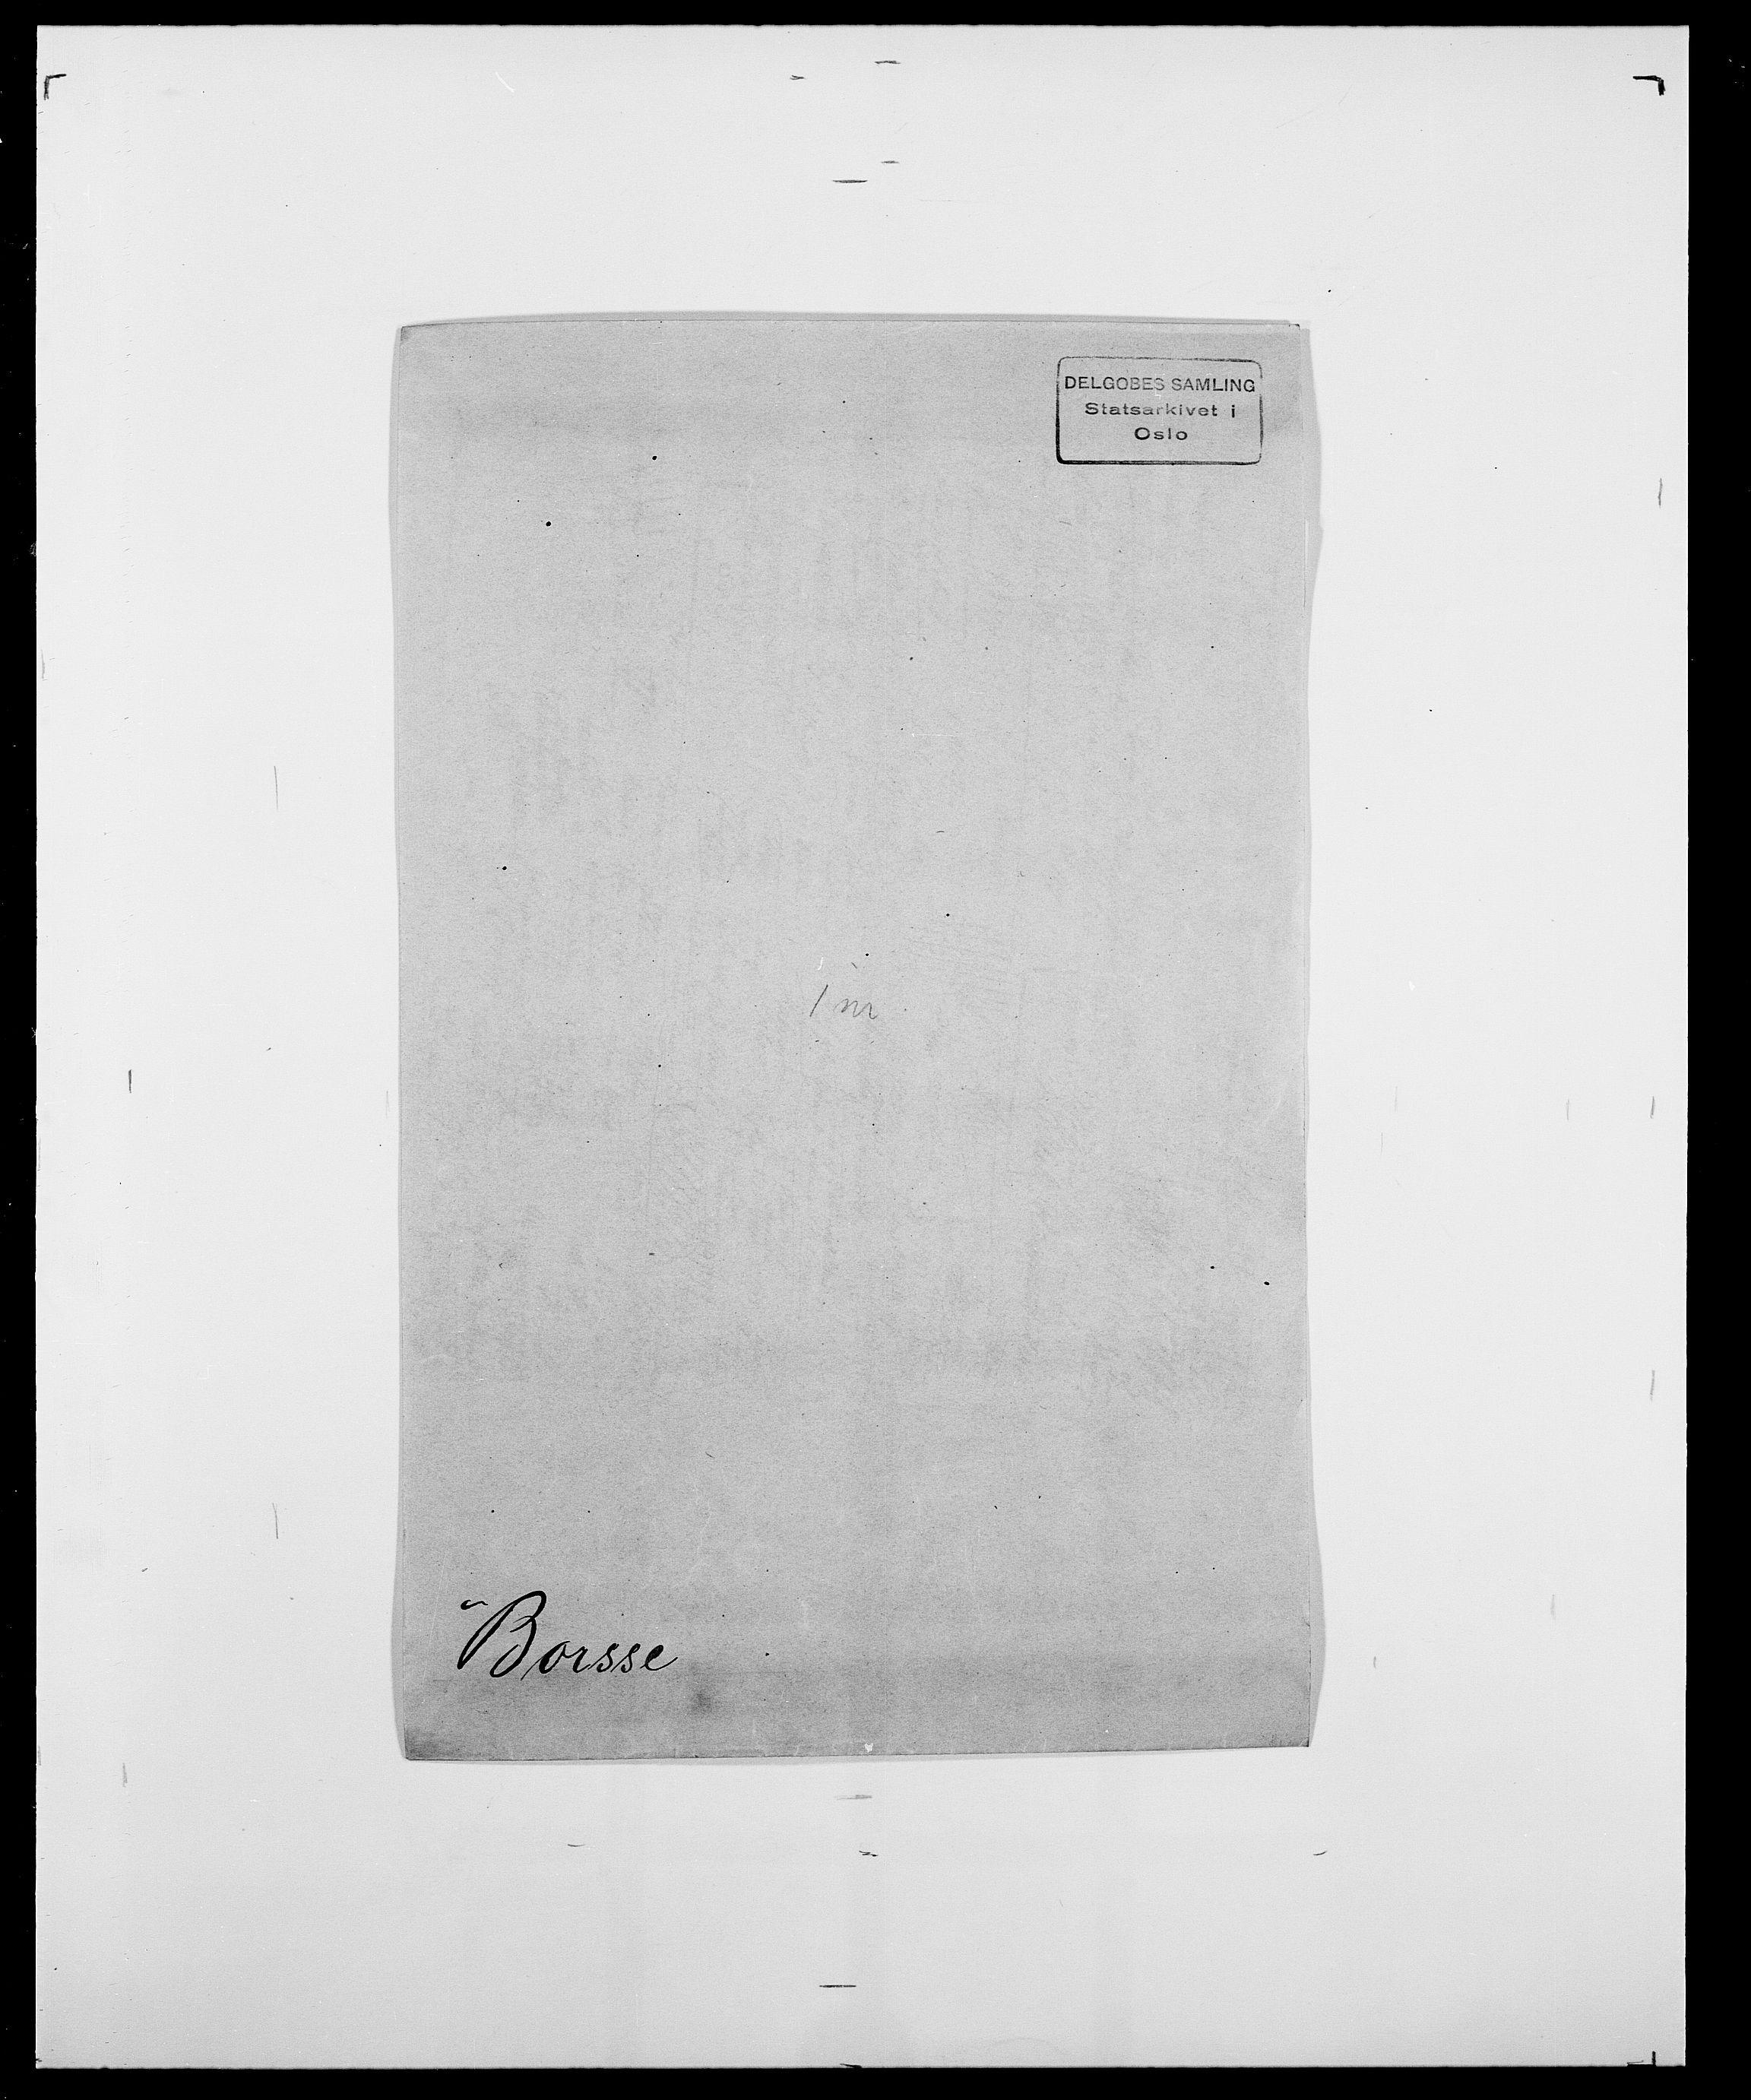 SAO, Delgobe, Charles Antoine - samling, D/Da/L0005: Boalth - Brahm, s. 308